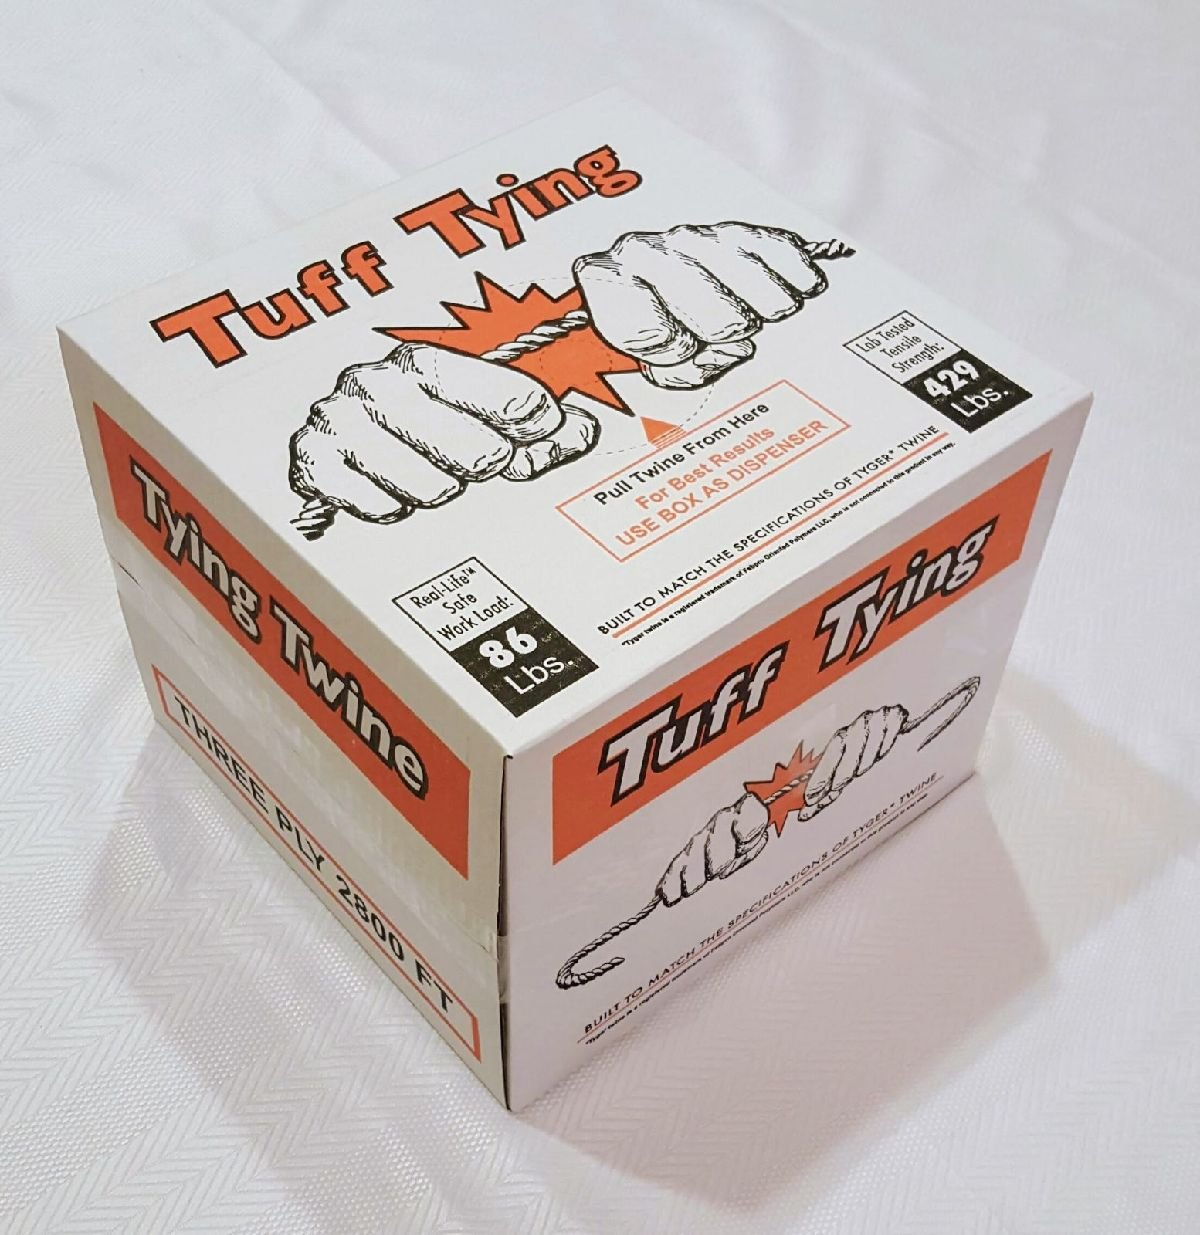 480 Lb Tensile 2800 Ft. 3 Ply Tyger Polypropylene Tying Twine